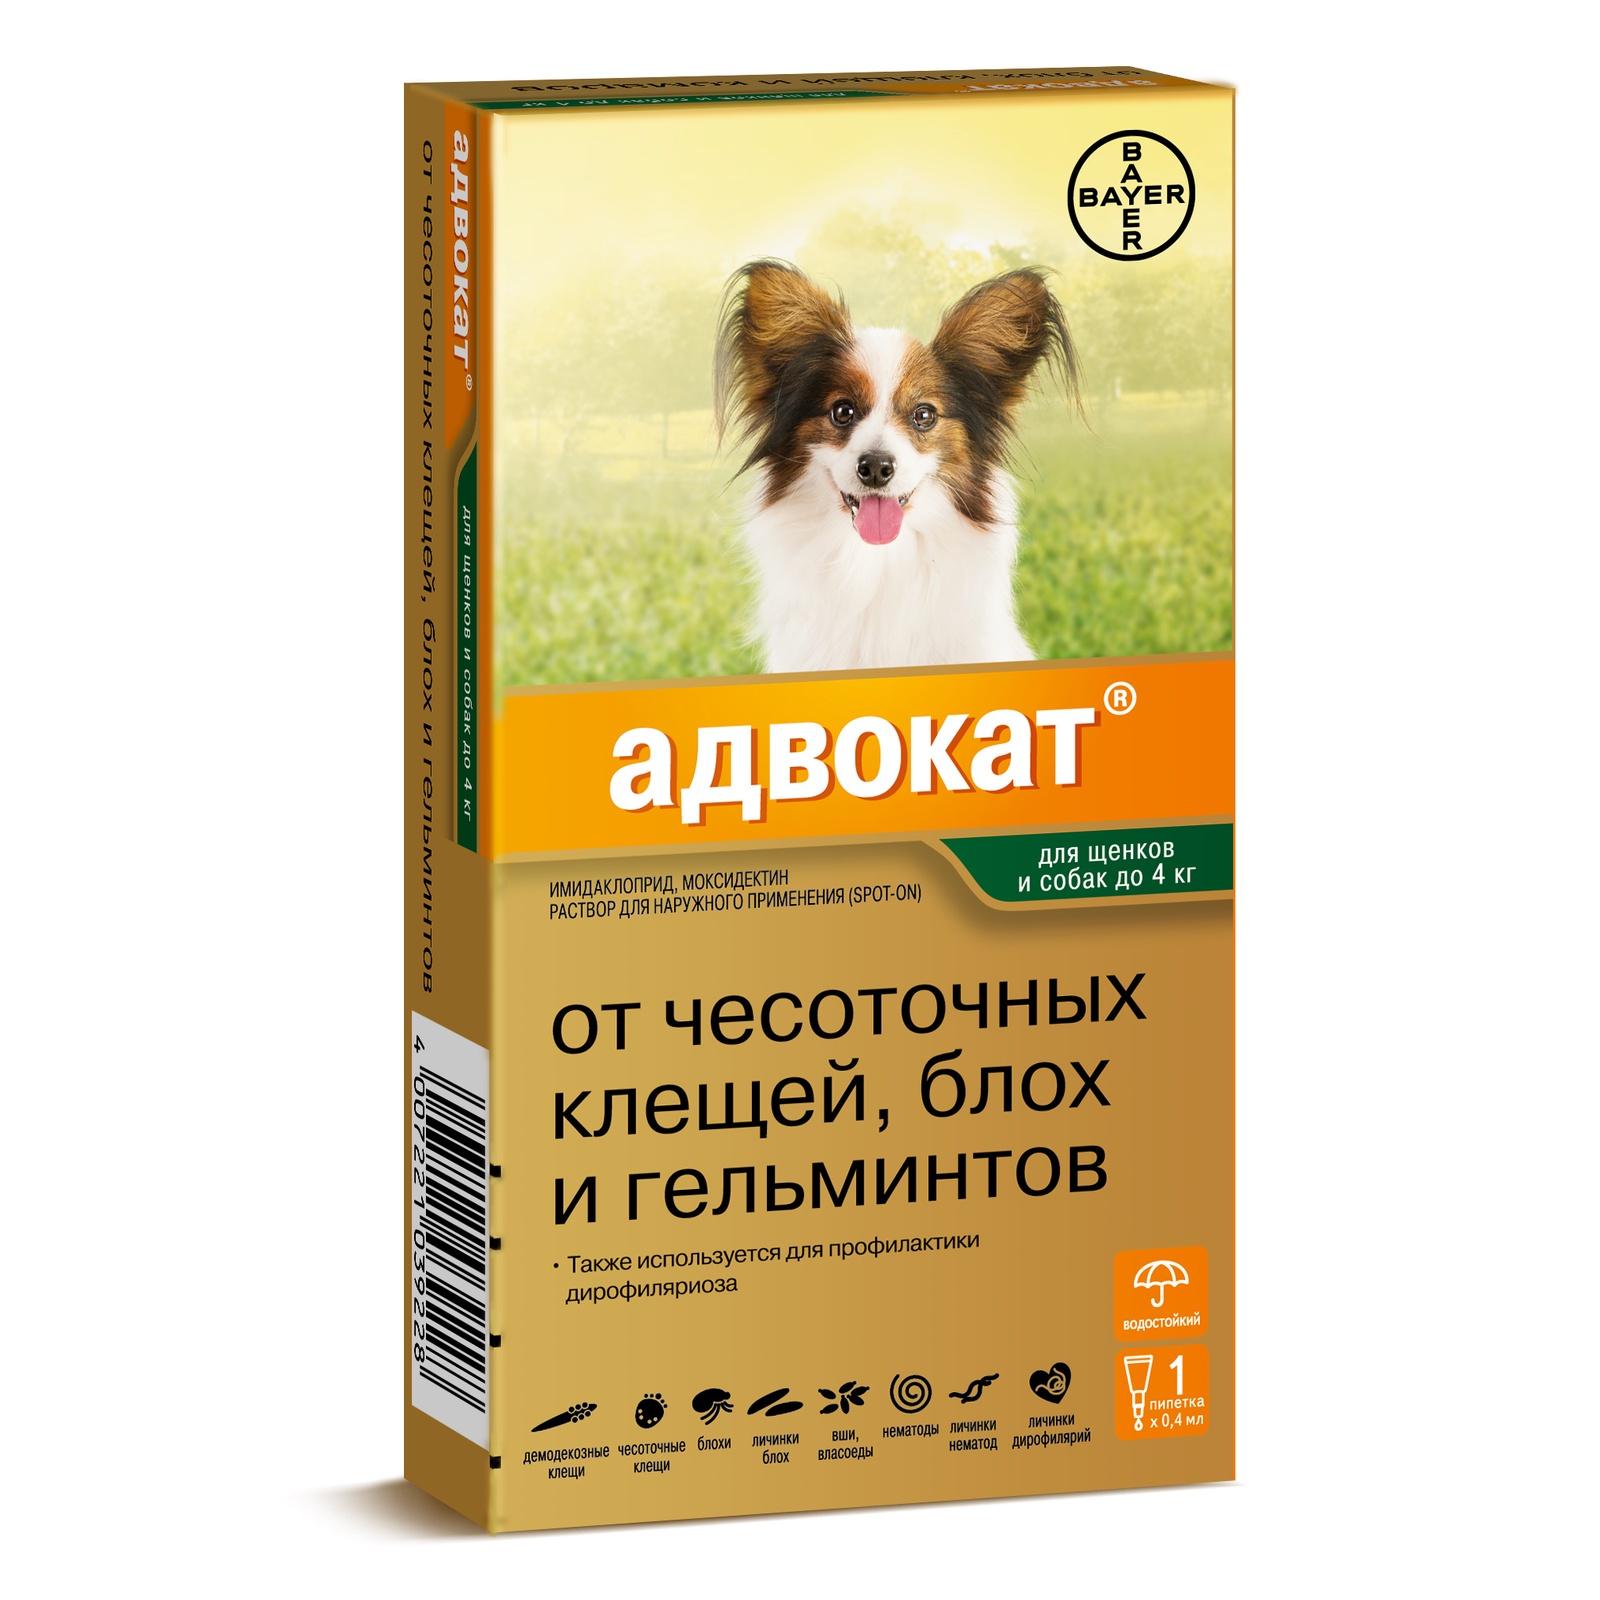 Bayer Golden Line Адвокат для щенков и собак от клещей,блох,глистов (массой до 4кг) (1 пипетка) от клещей адвокат